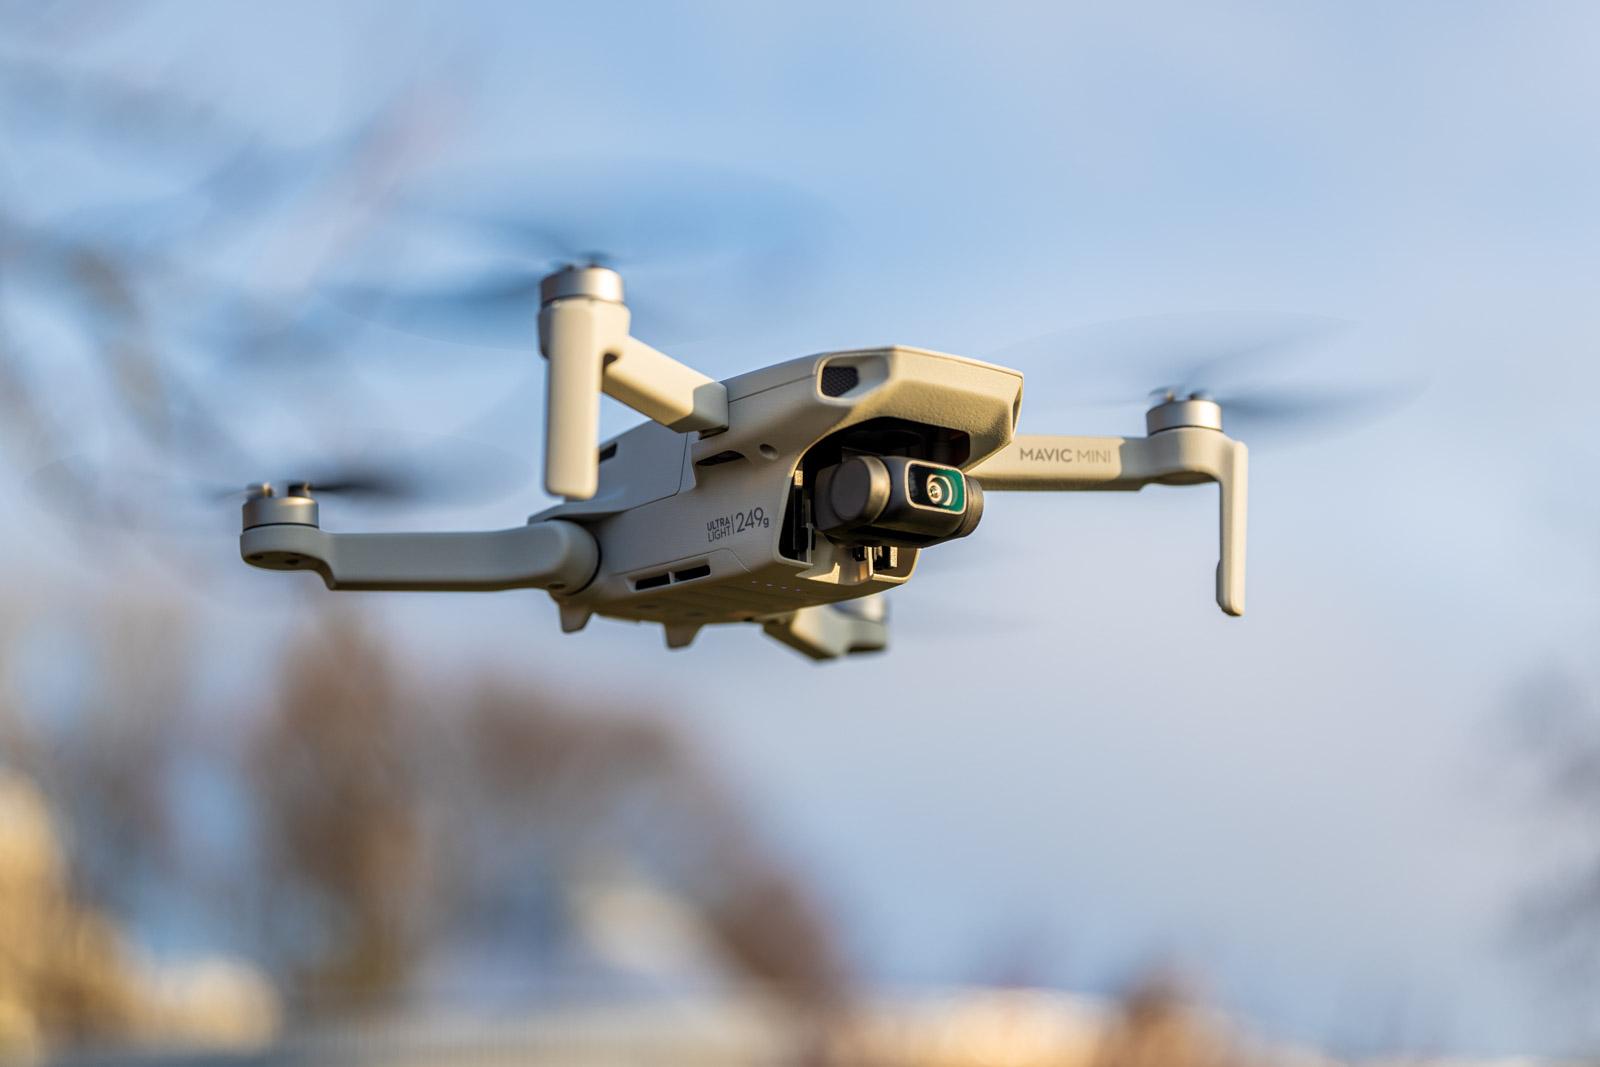 Softwarea duten DJI drone merkeena.  Hau Mavica Mini-ren lehenengo eguneratze nagusia da